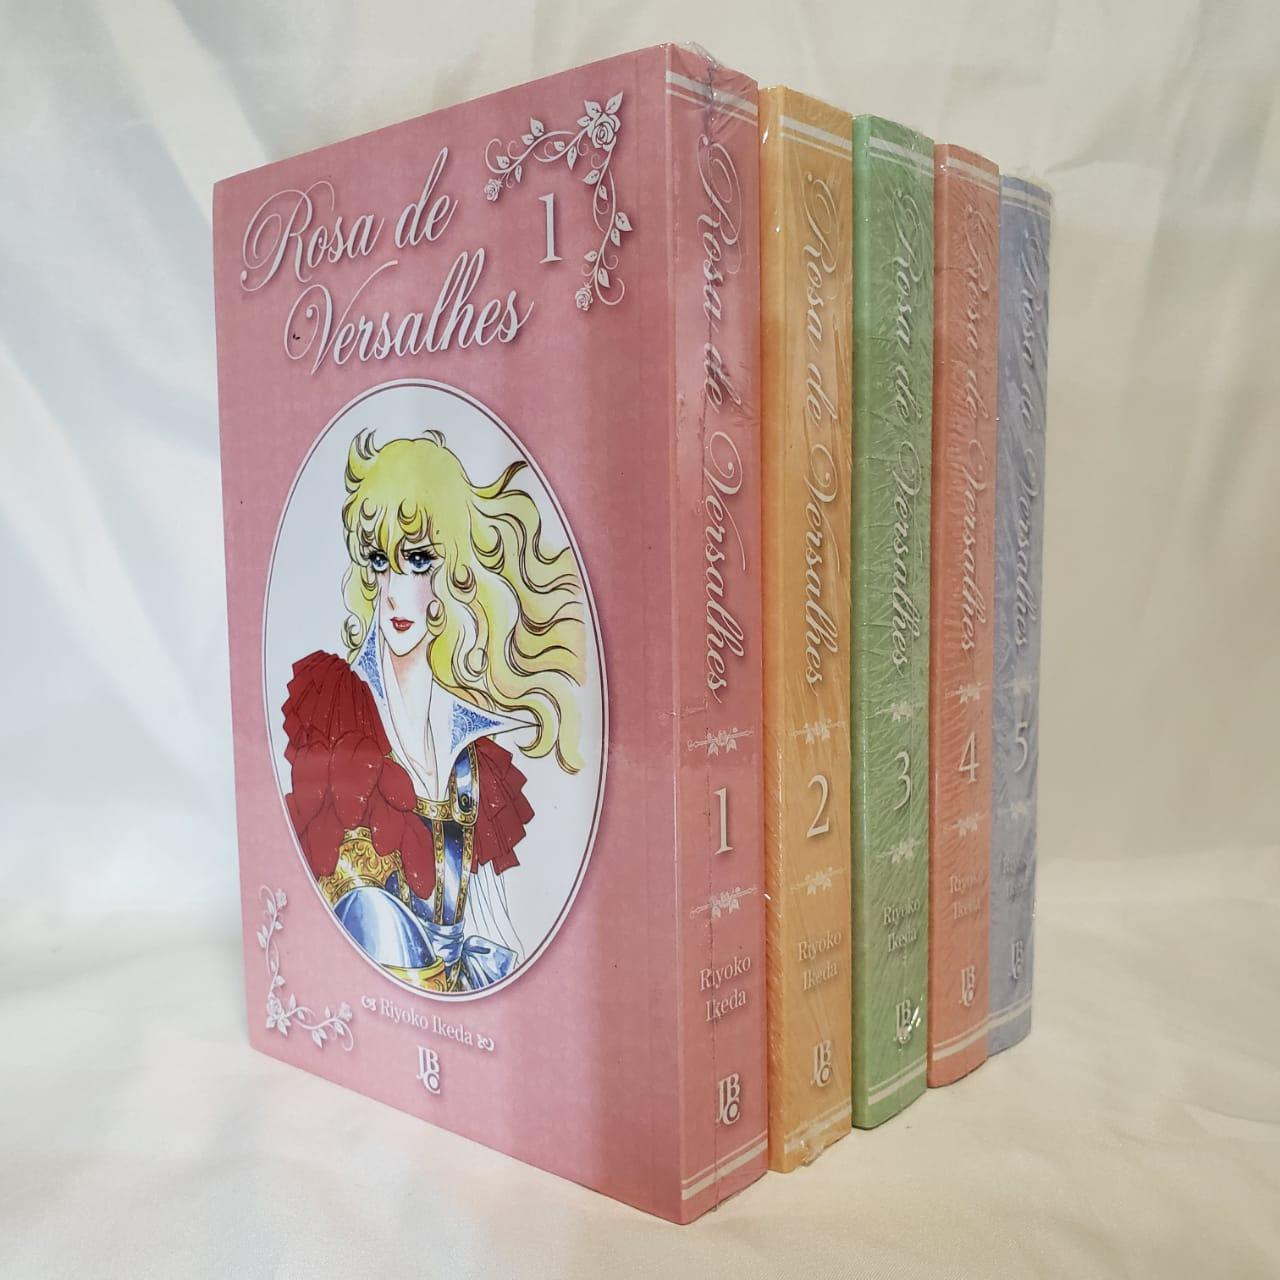 Rosa de Versalhes - 1 ao 5 - Coleção Completa - Pack